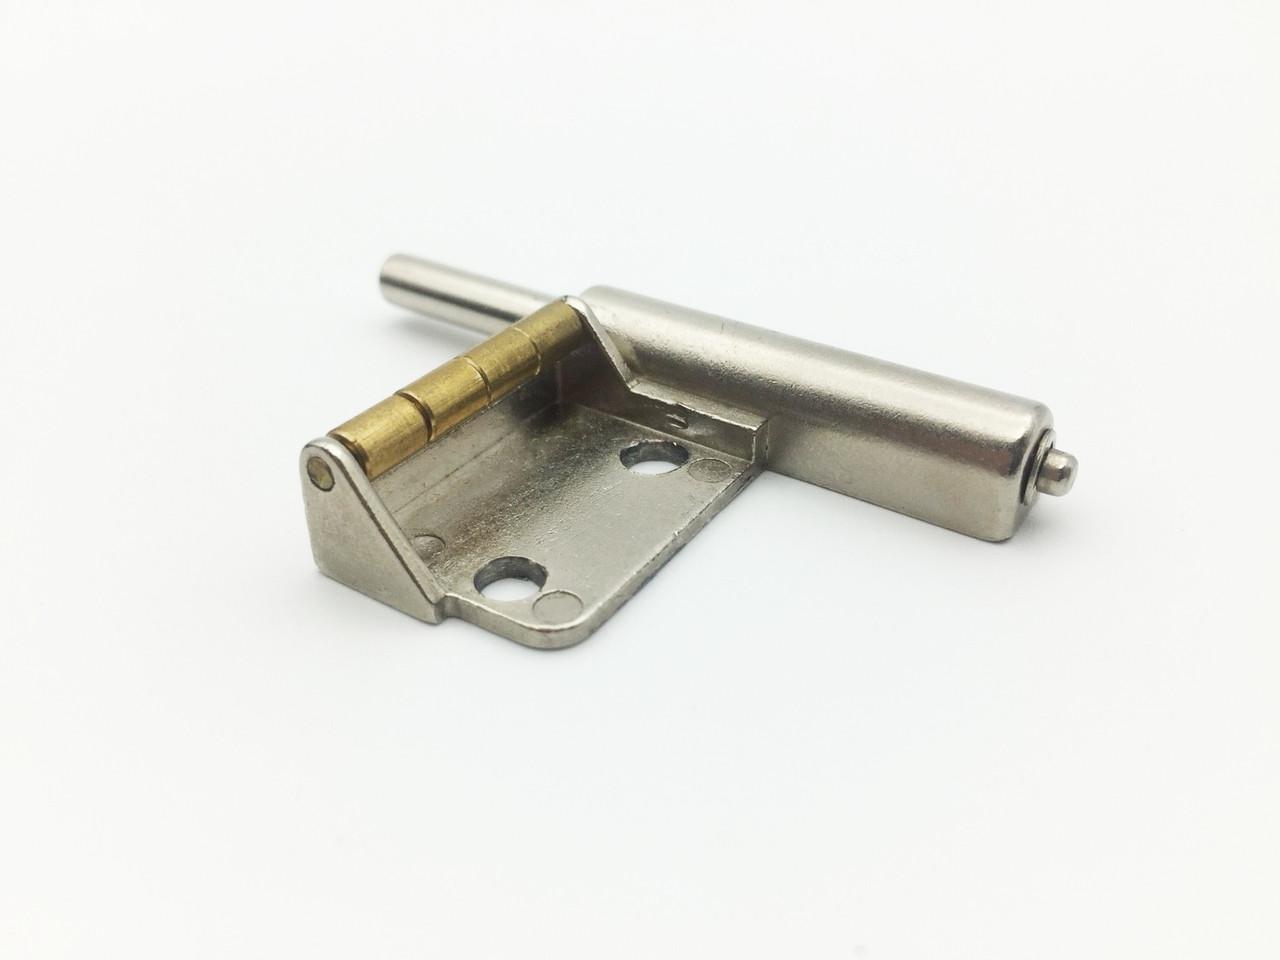 Metal Strike plate with screws